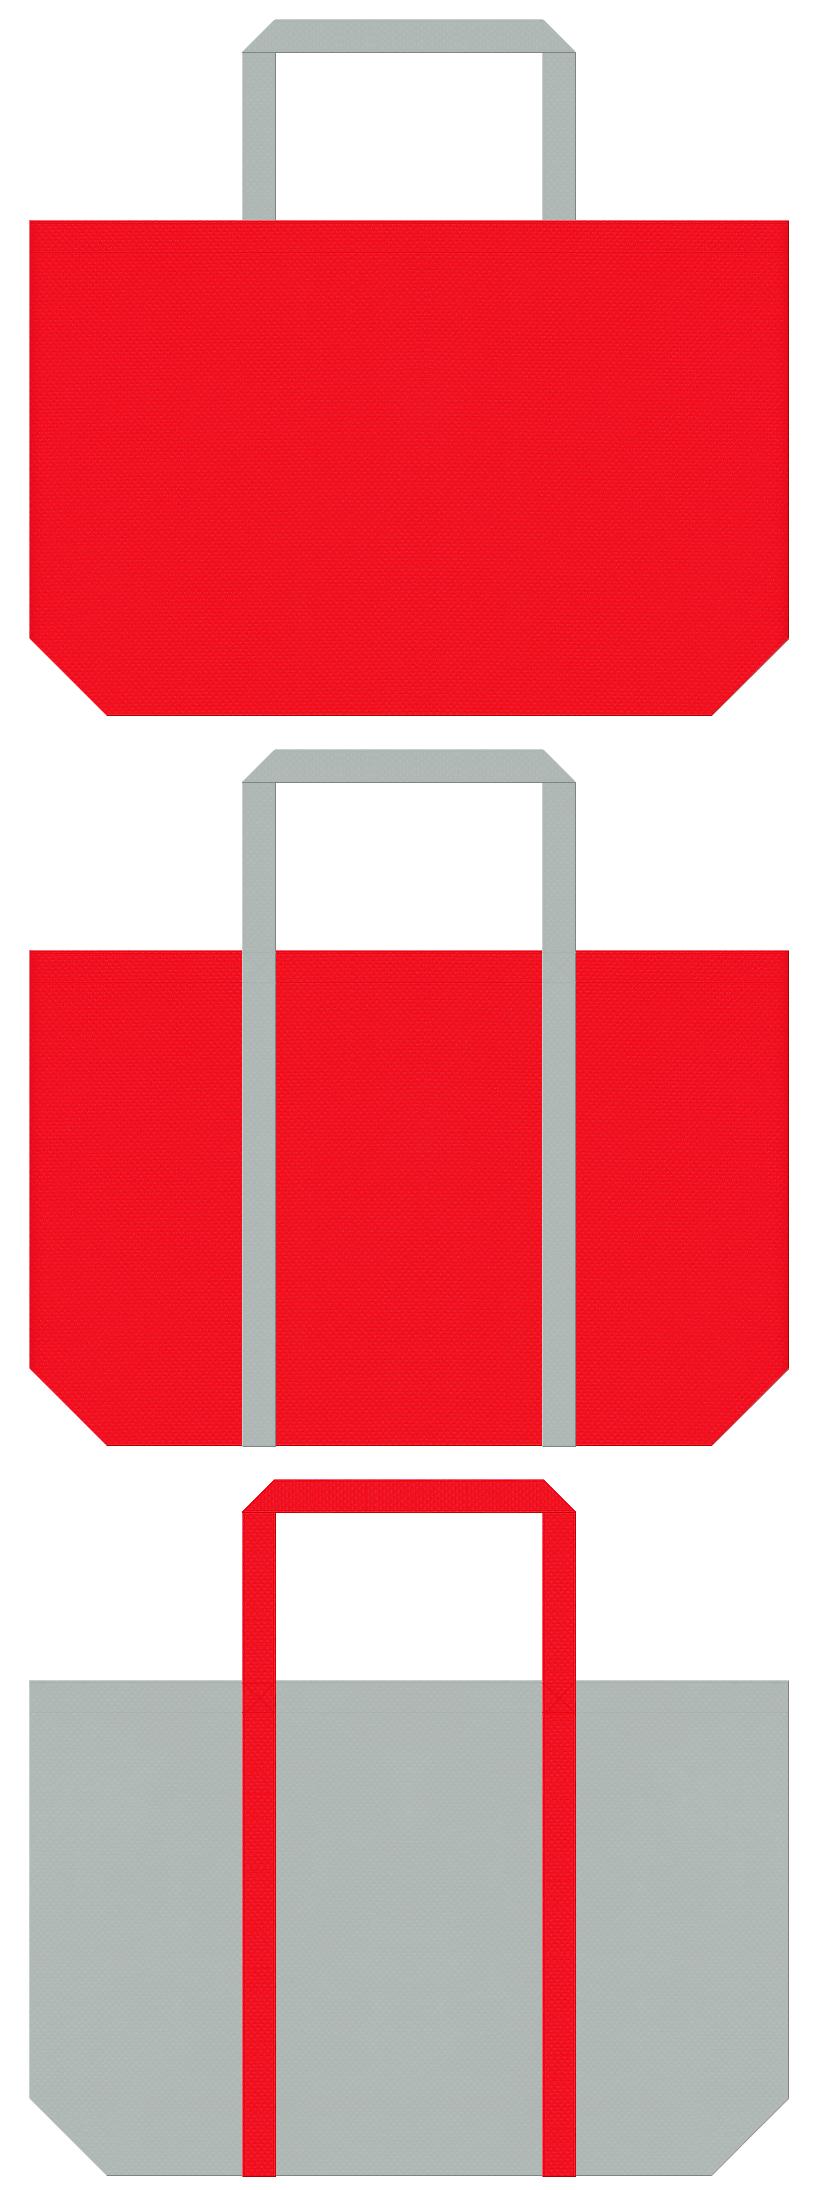 ロボット・プラモデル・ラジコン・ホビーの展示会用バッグ・福袋にお奨めの不織布バッグデザイン:赤色とグレー色のコーデ